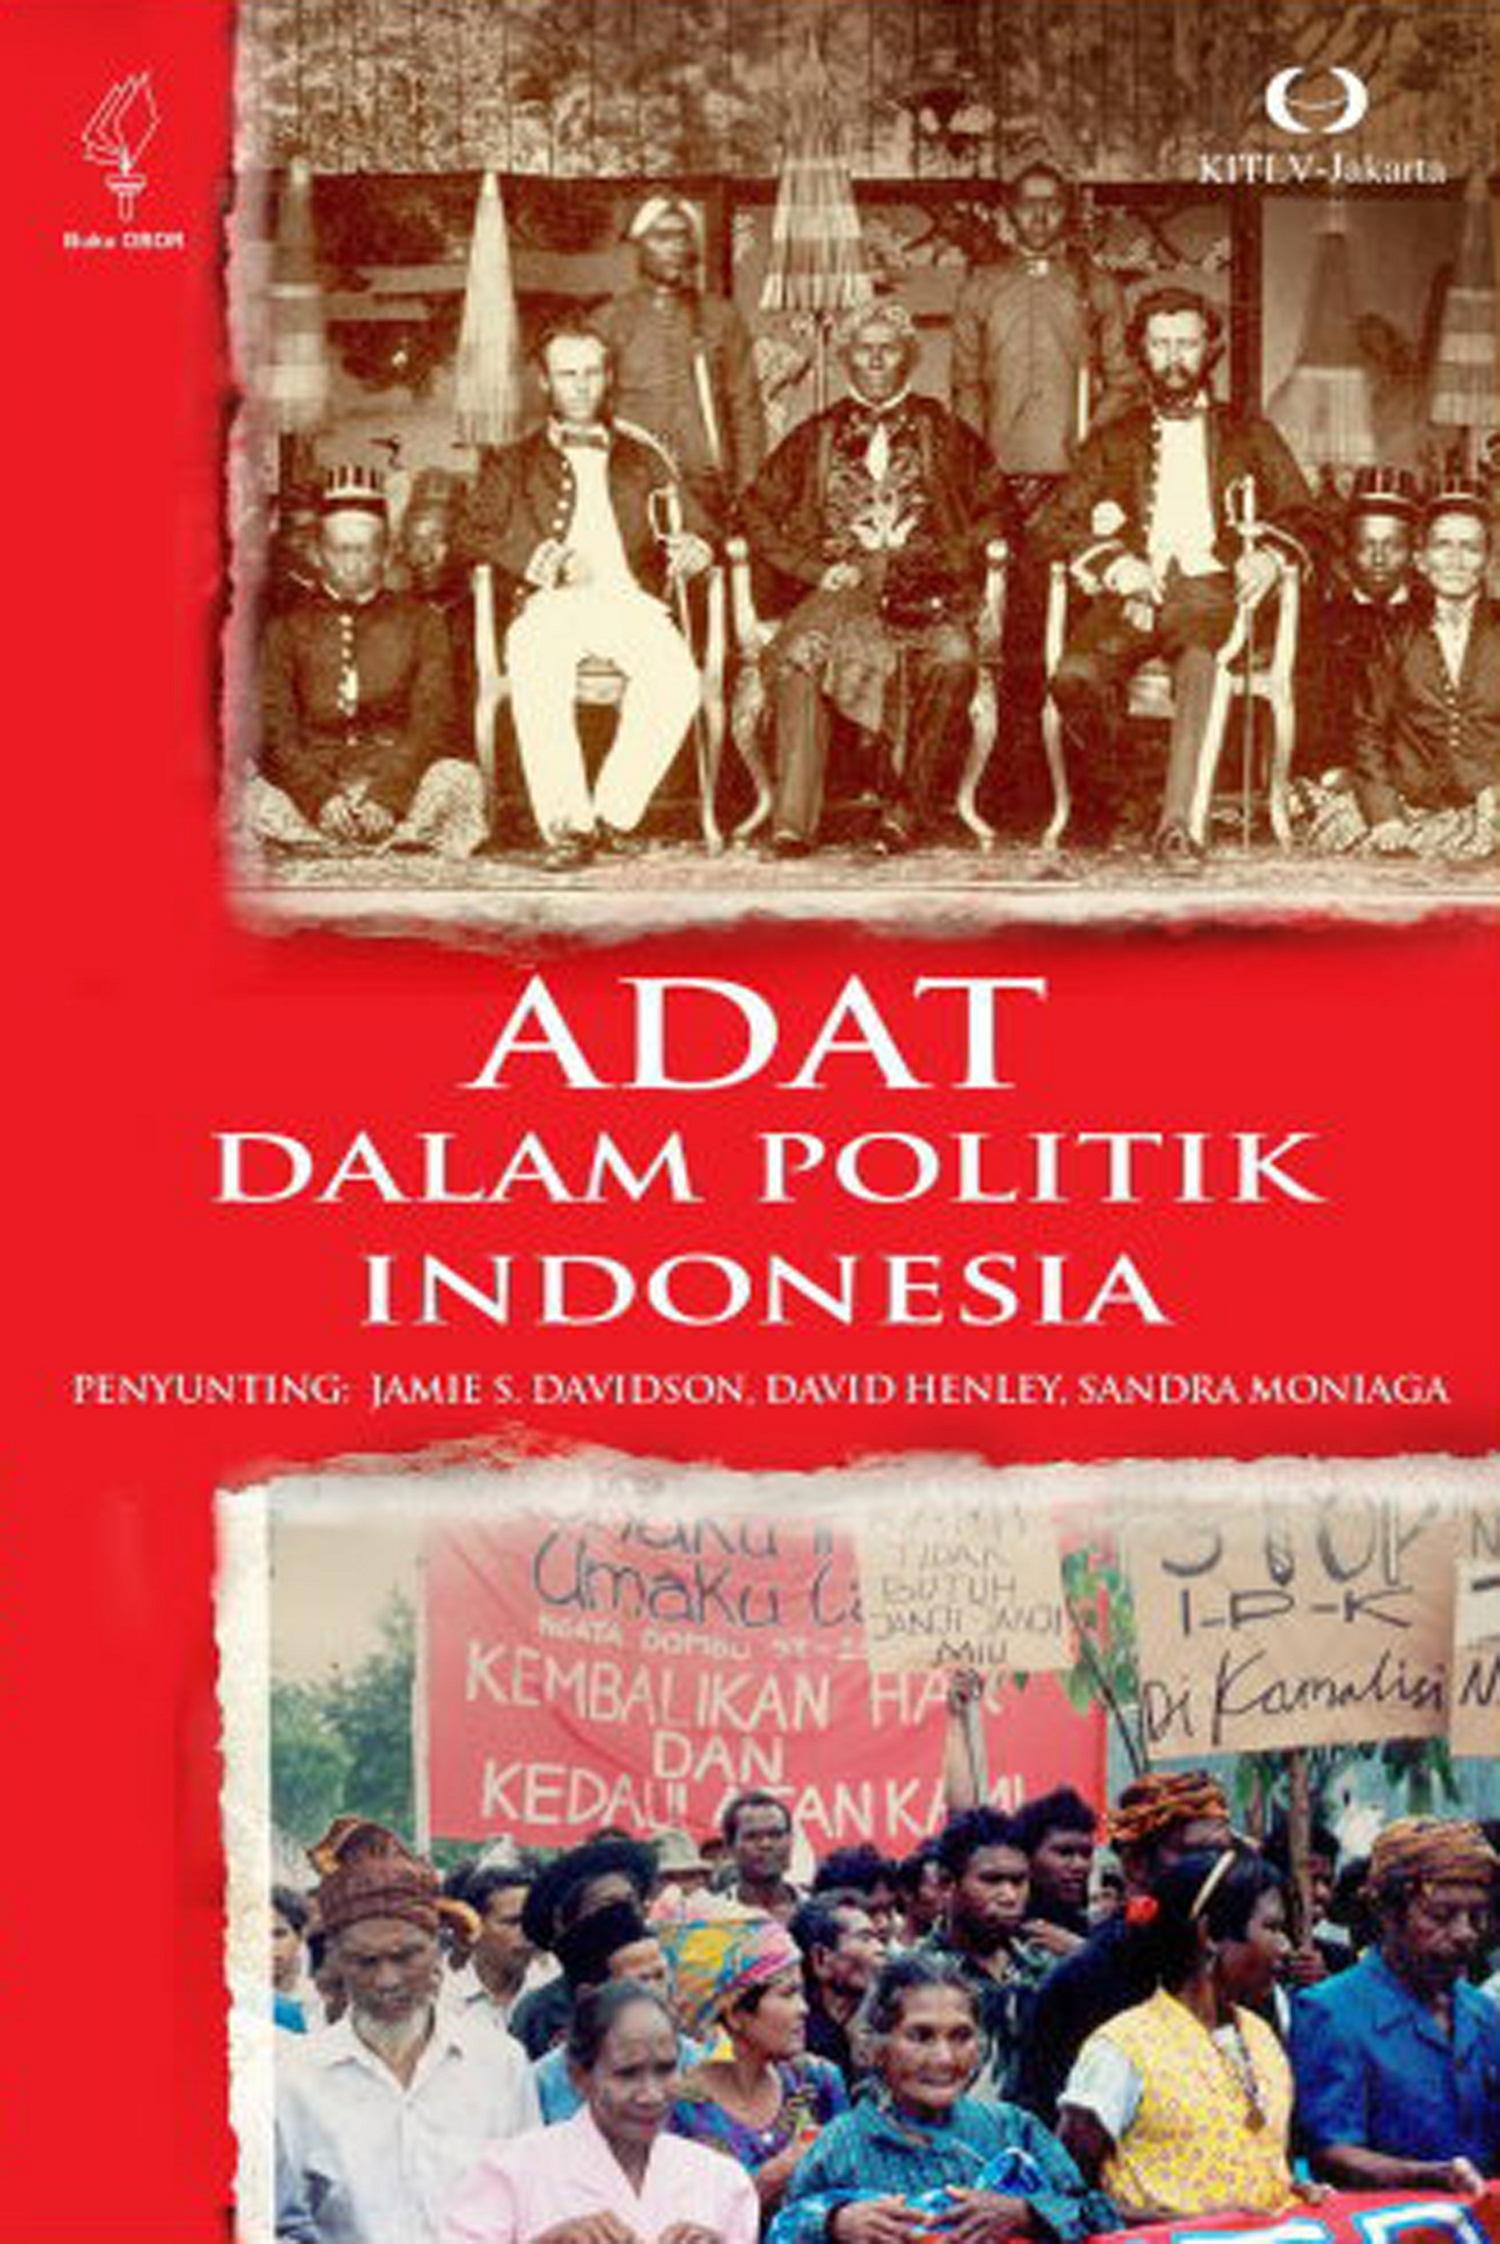 Adat dalam politik Indonesia [sumber elektronis]